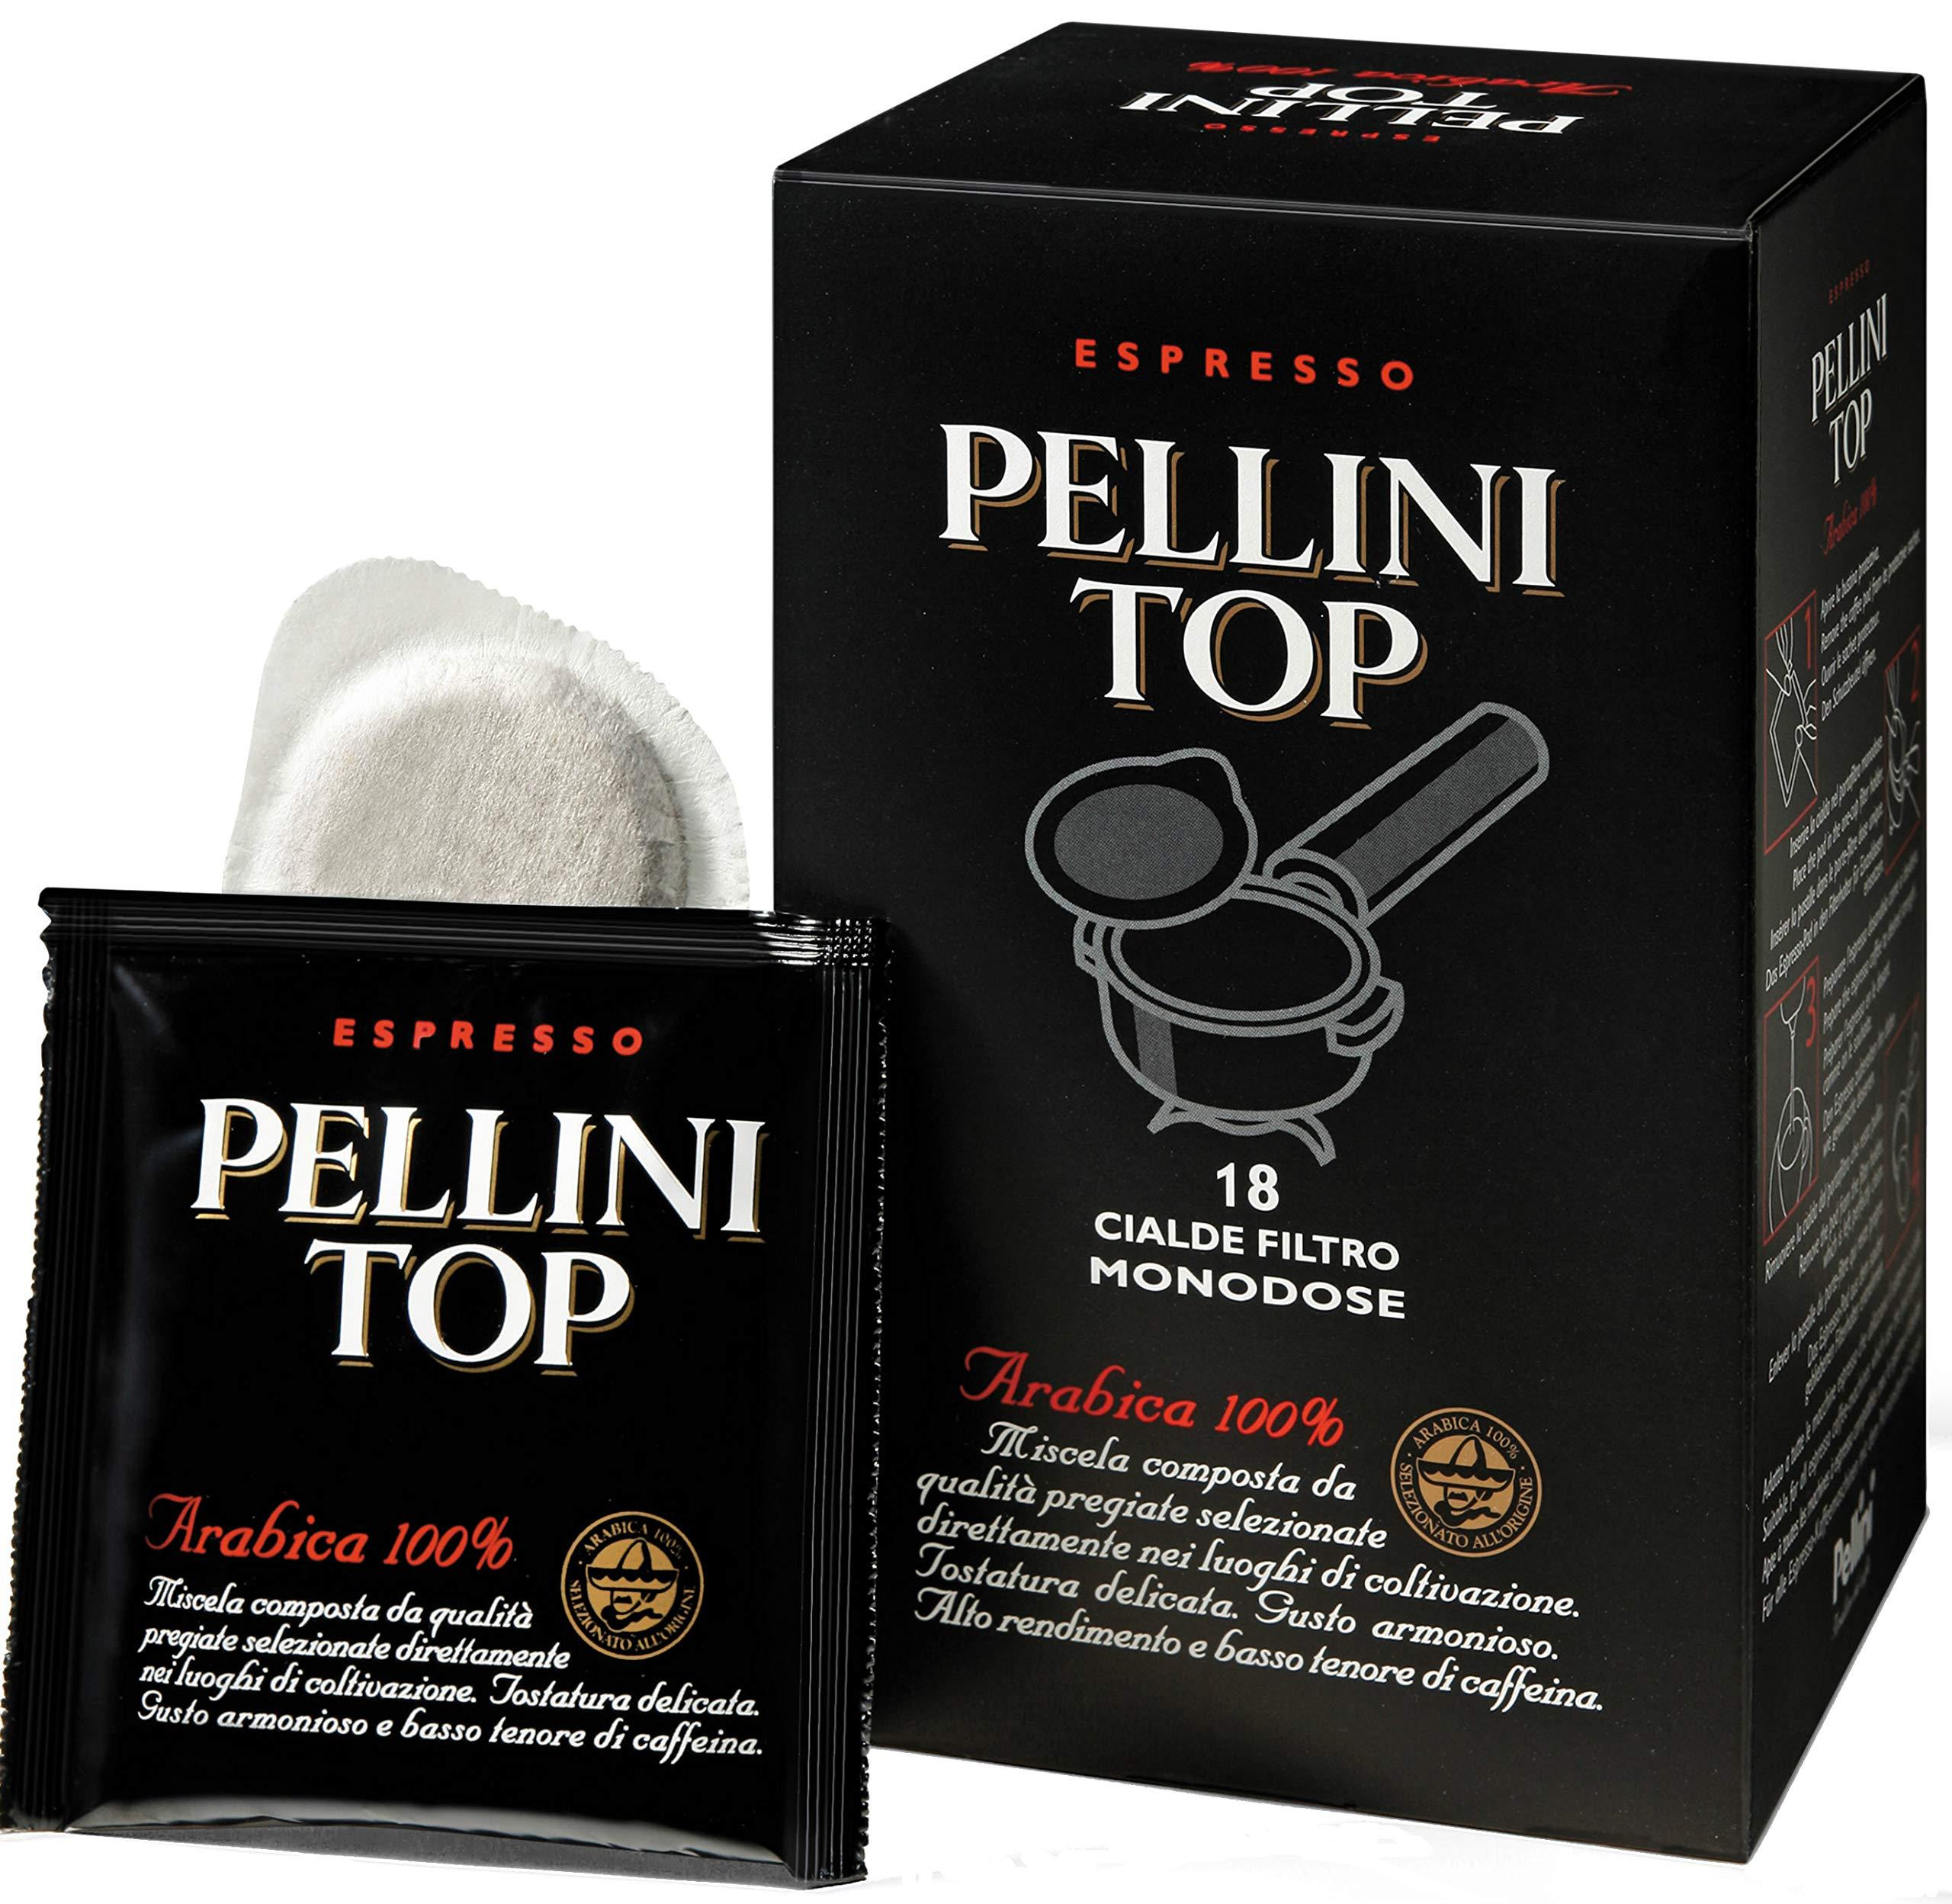 Pellini-Caff-Espresso-Pellini-Top-Arabica-100-Cialde-Monodose-18-Cialde-Monodose-125-gr